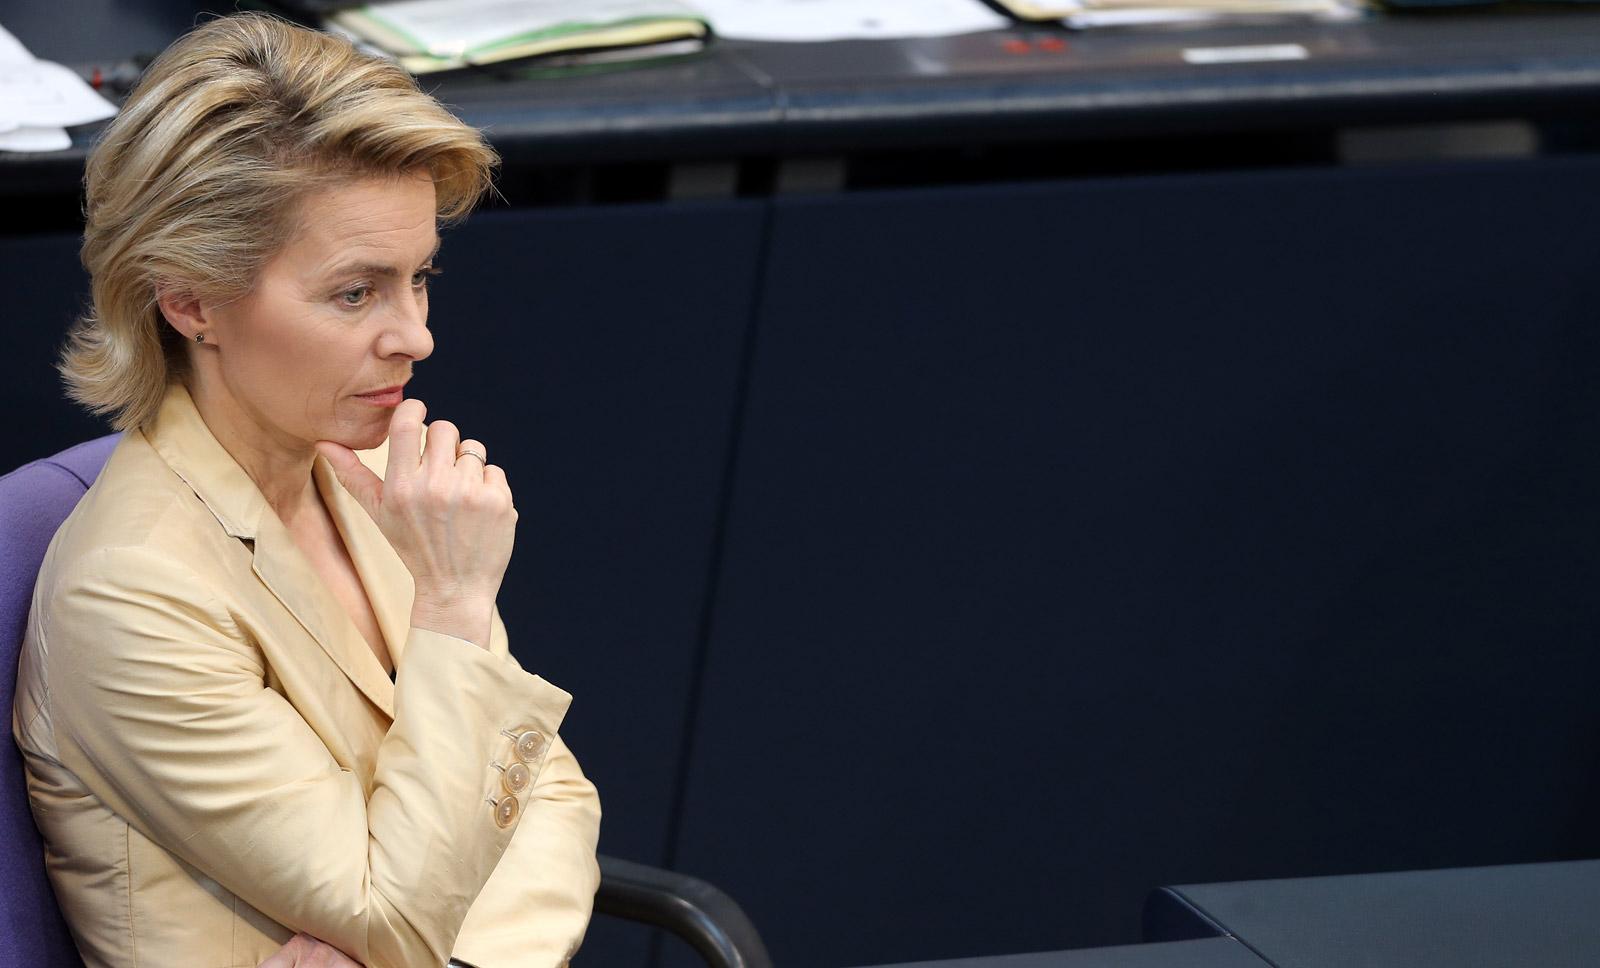 Германия против поставок Киеву вооружений, - министр обороны